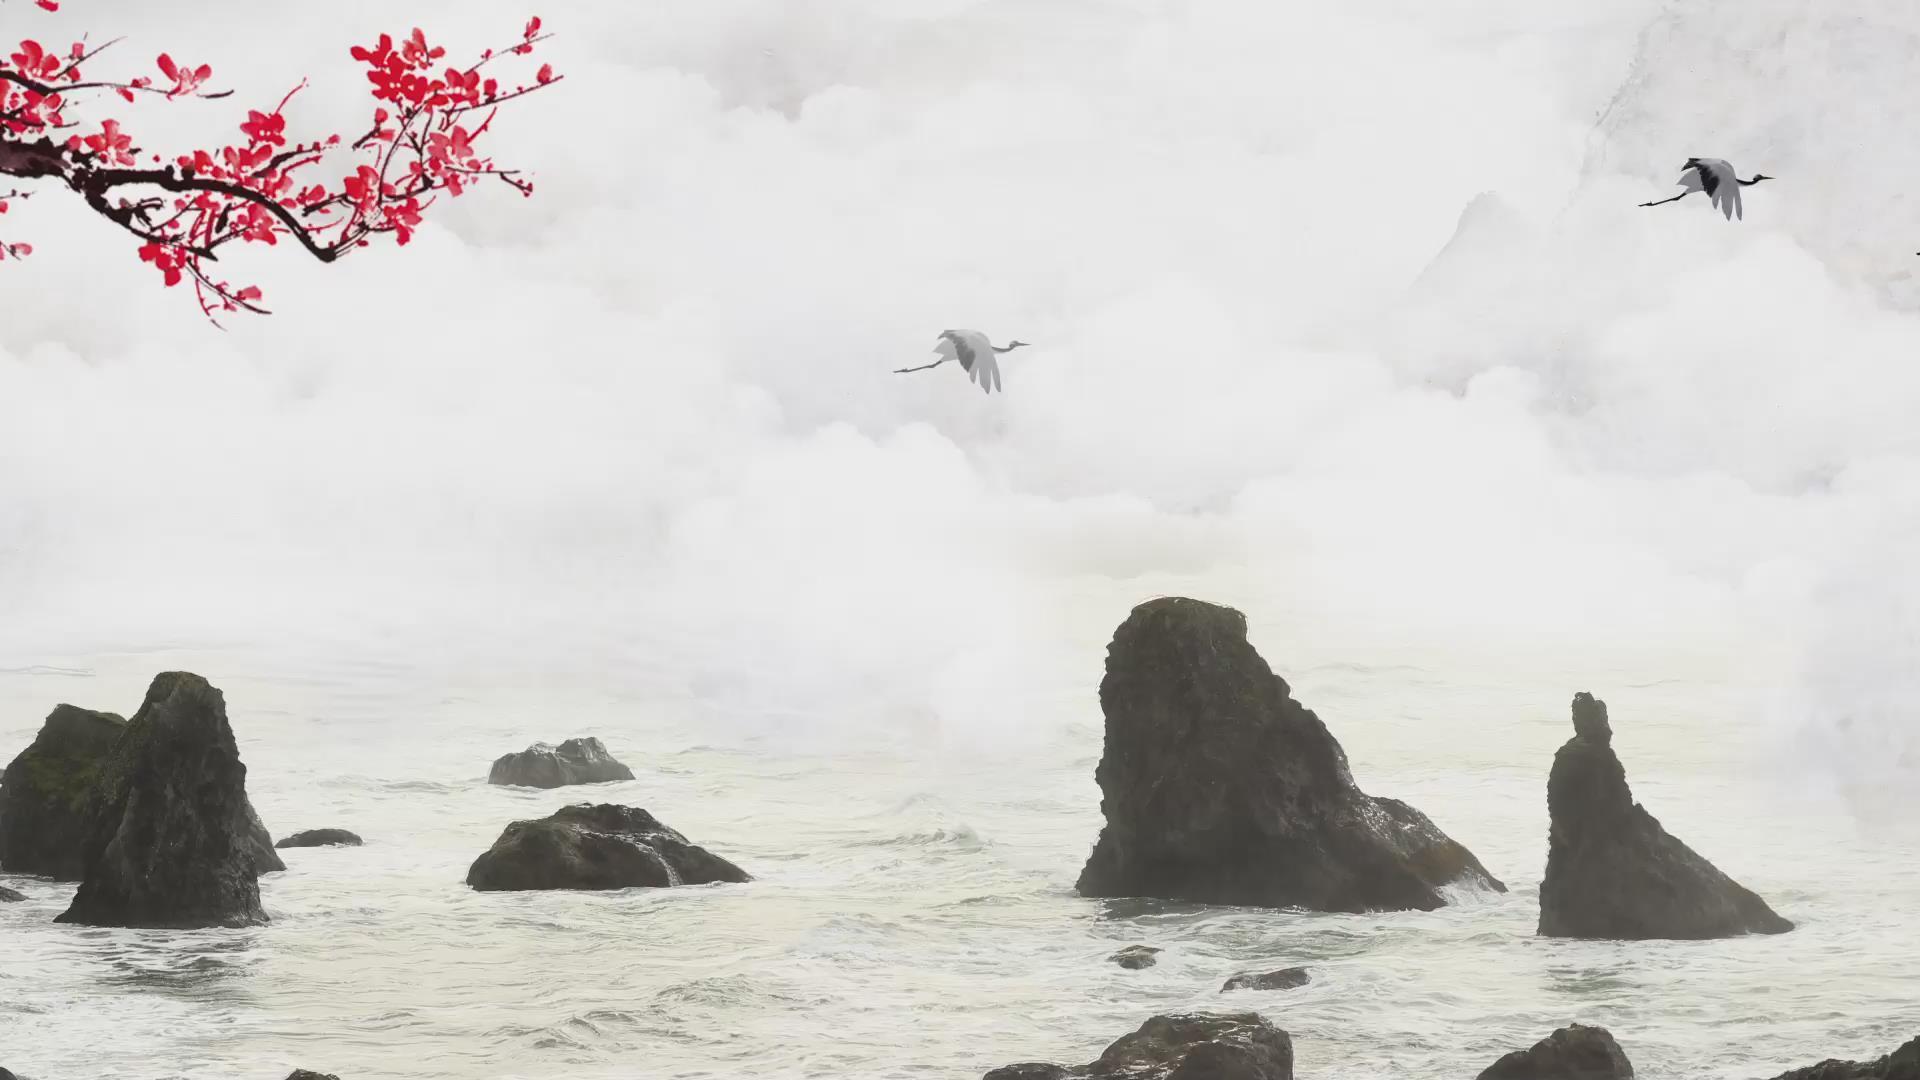 中国风仙境里的仙鹤视频素材